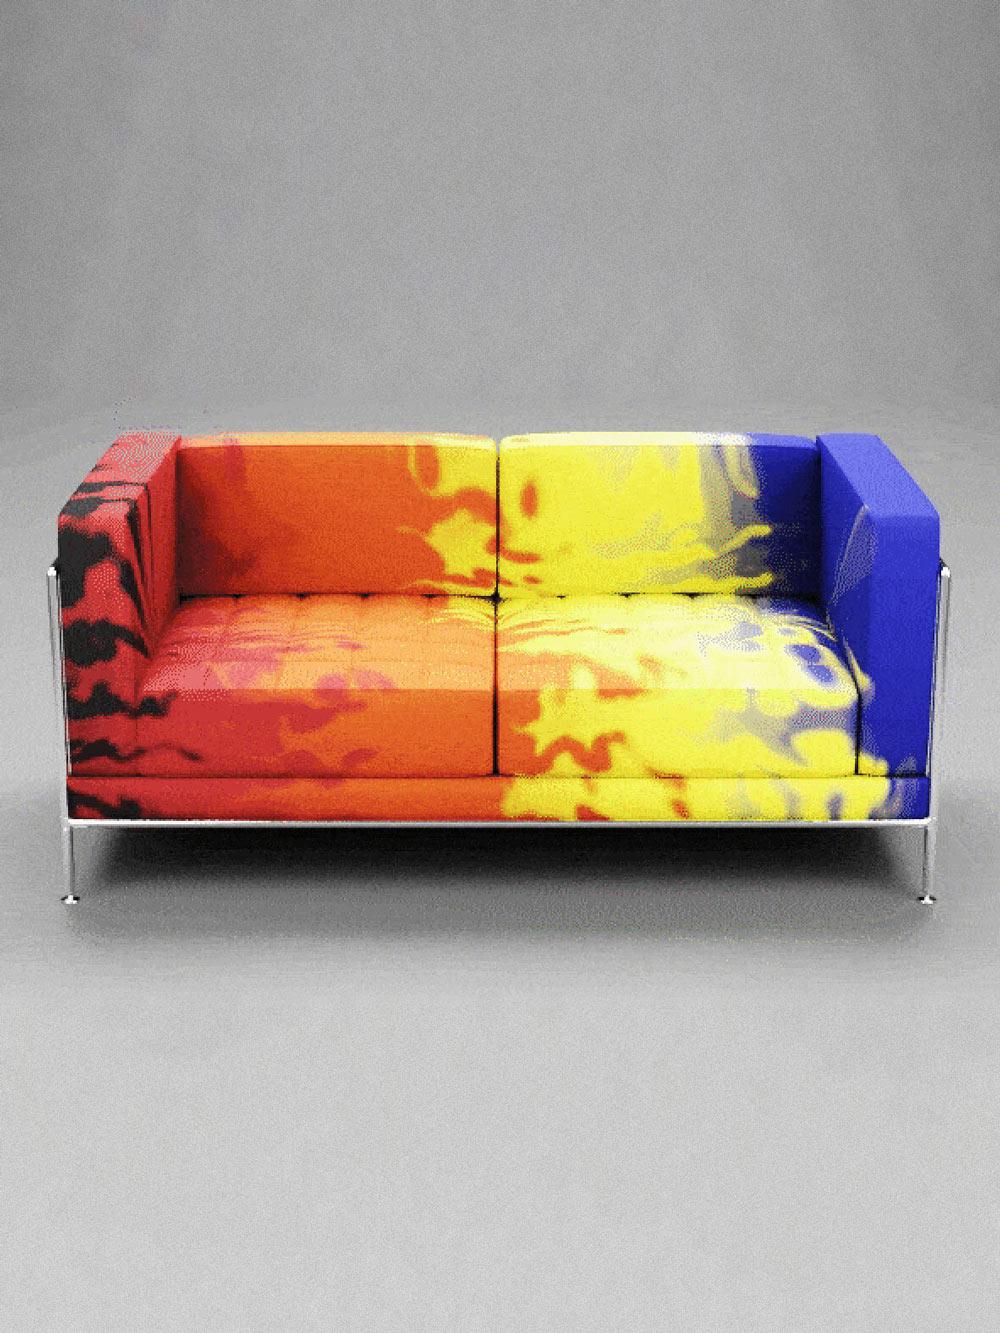 Sofa_wechselt_die_farben